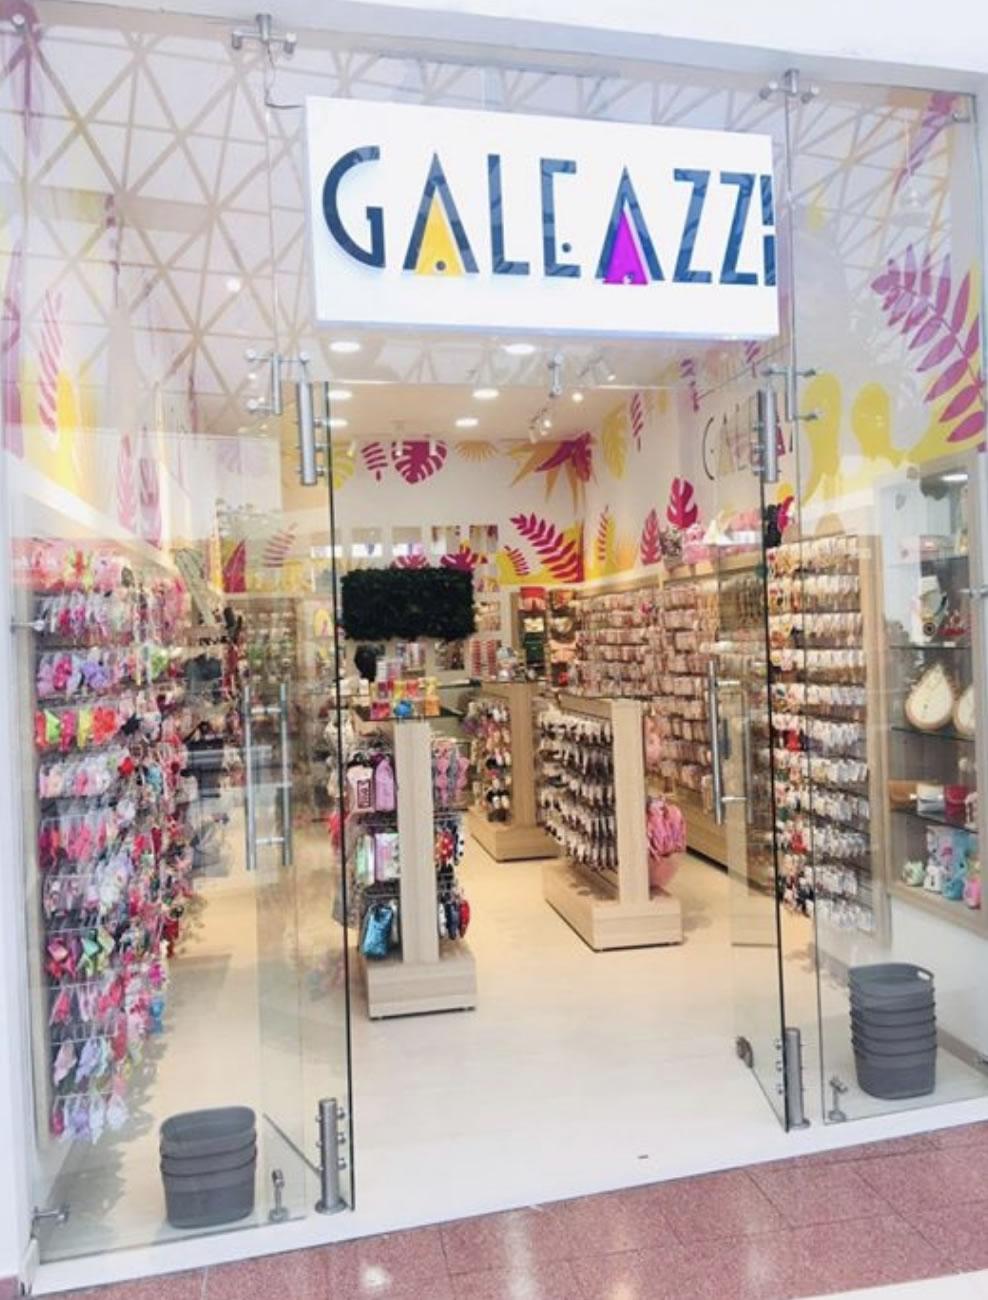 galleazi-tienda